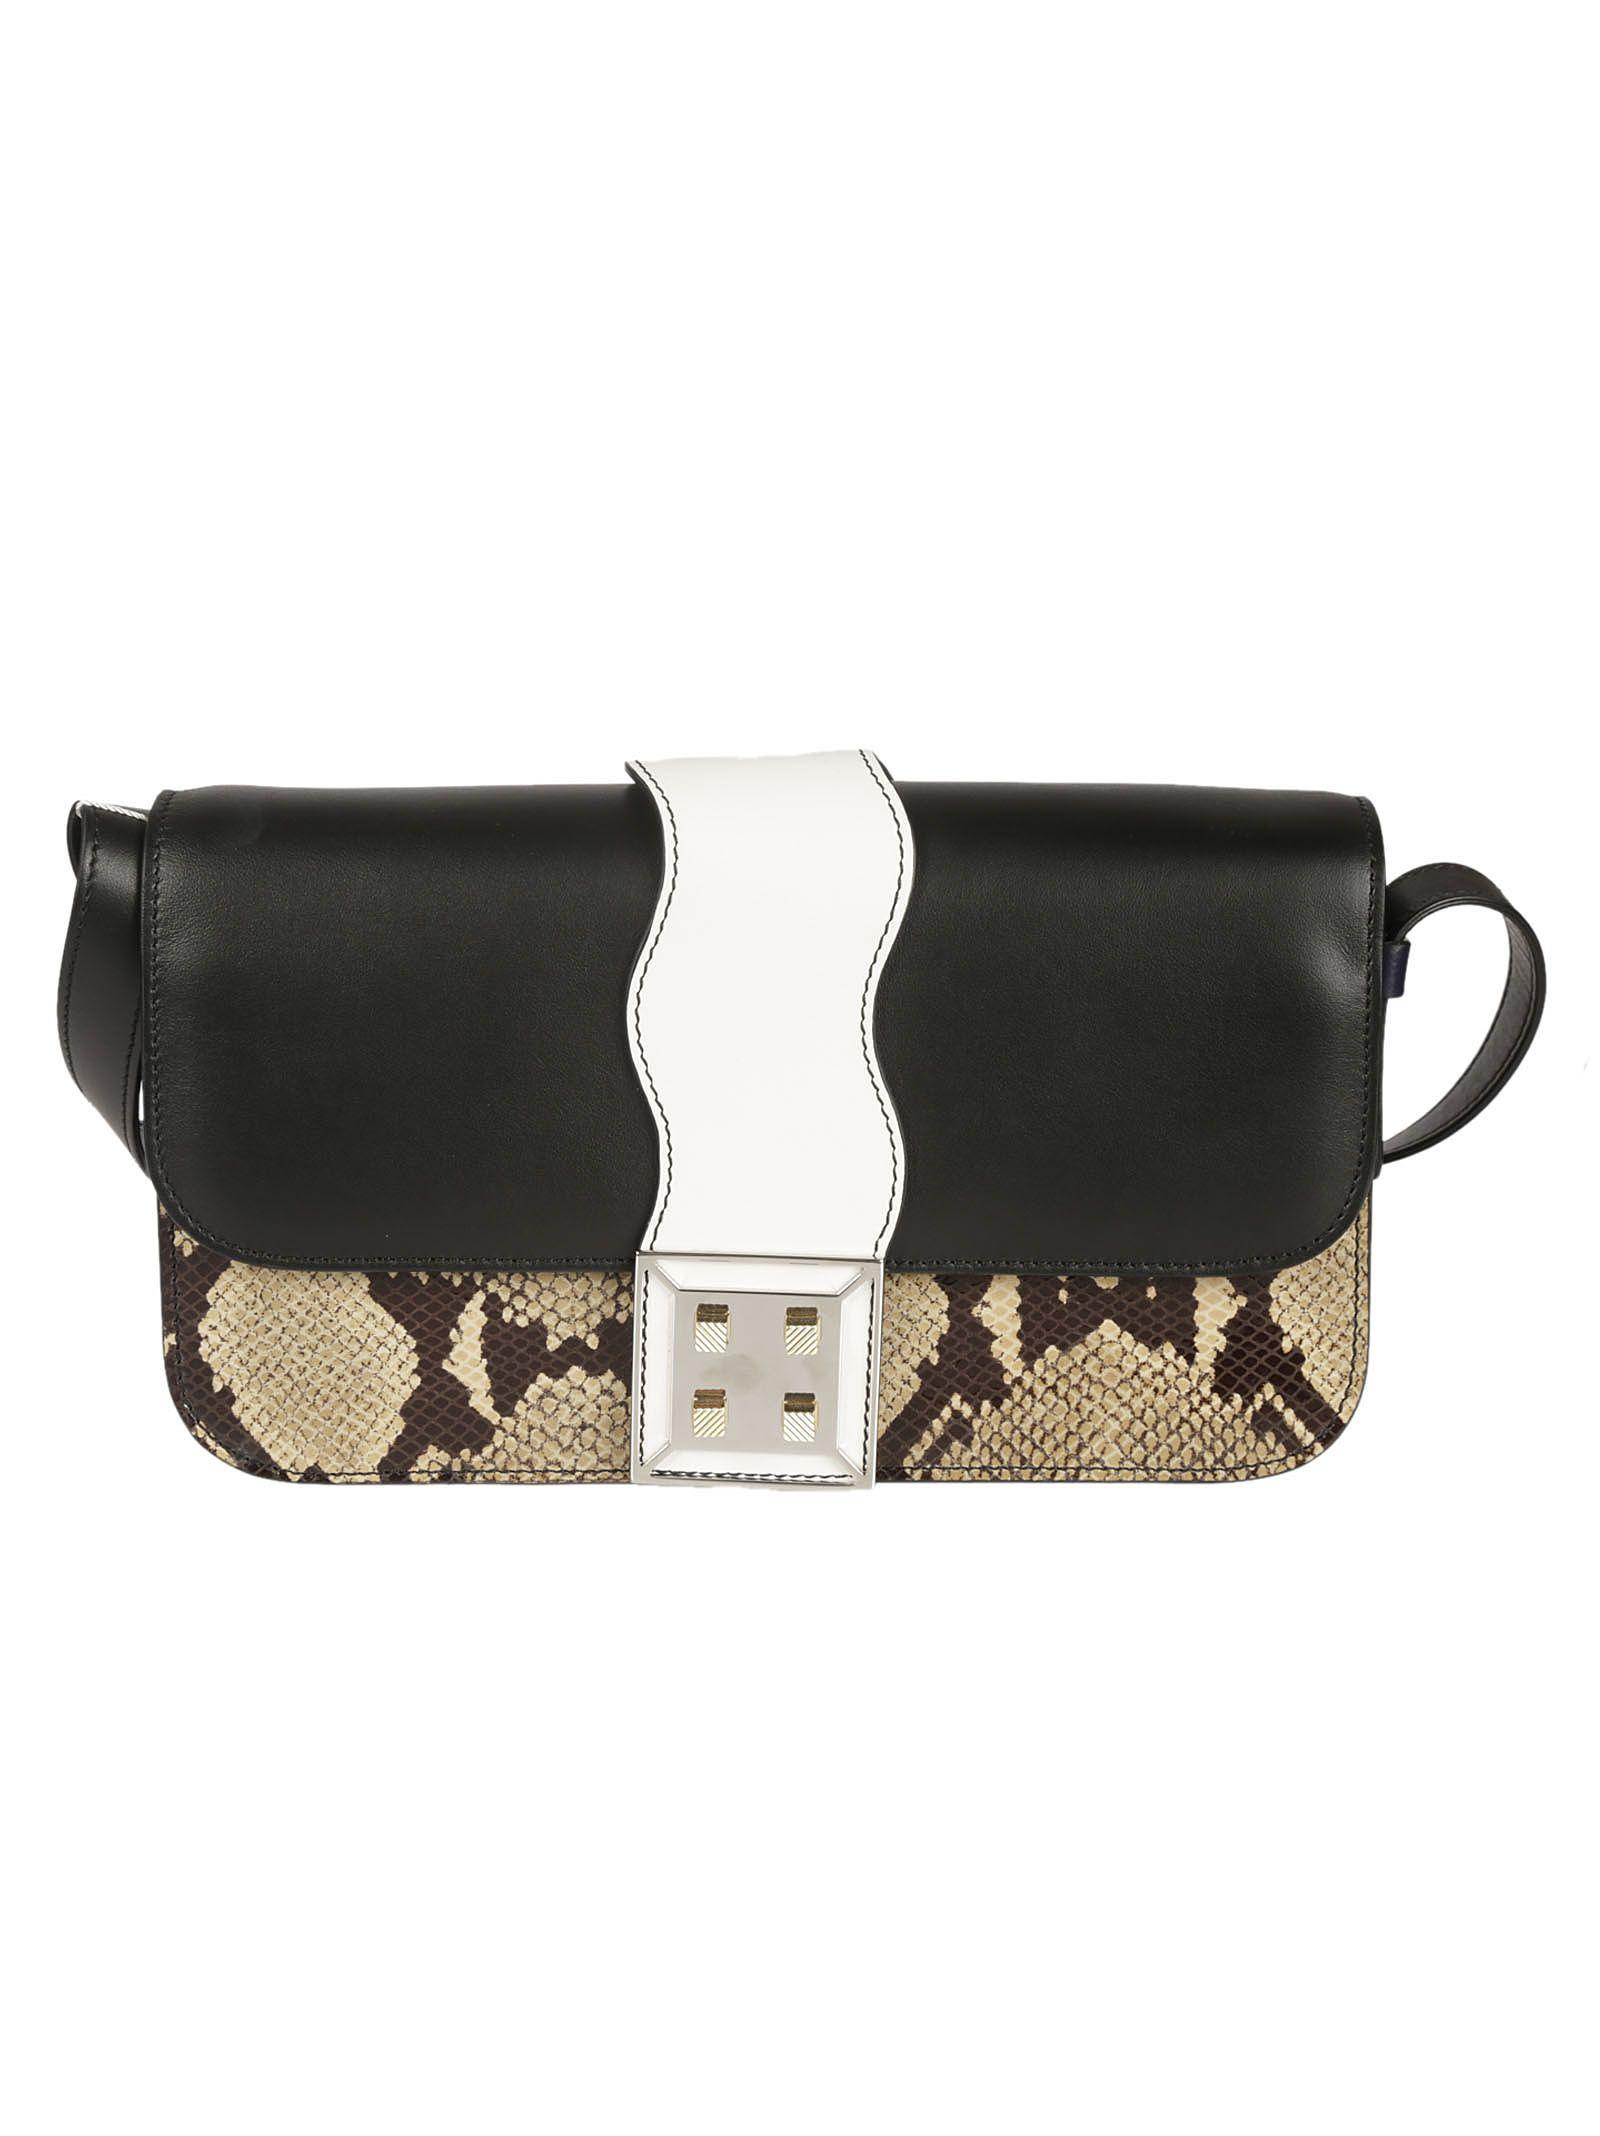 Manurina Eve Shoulder Bag